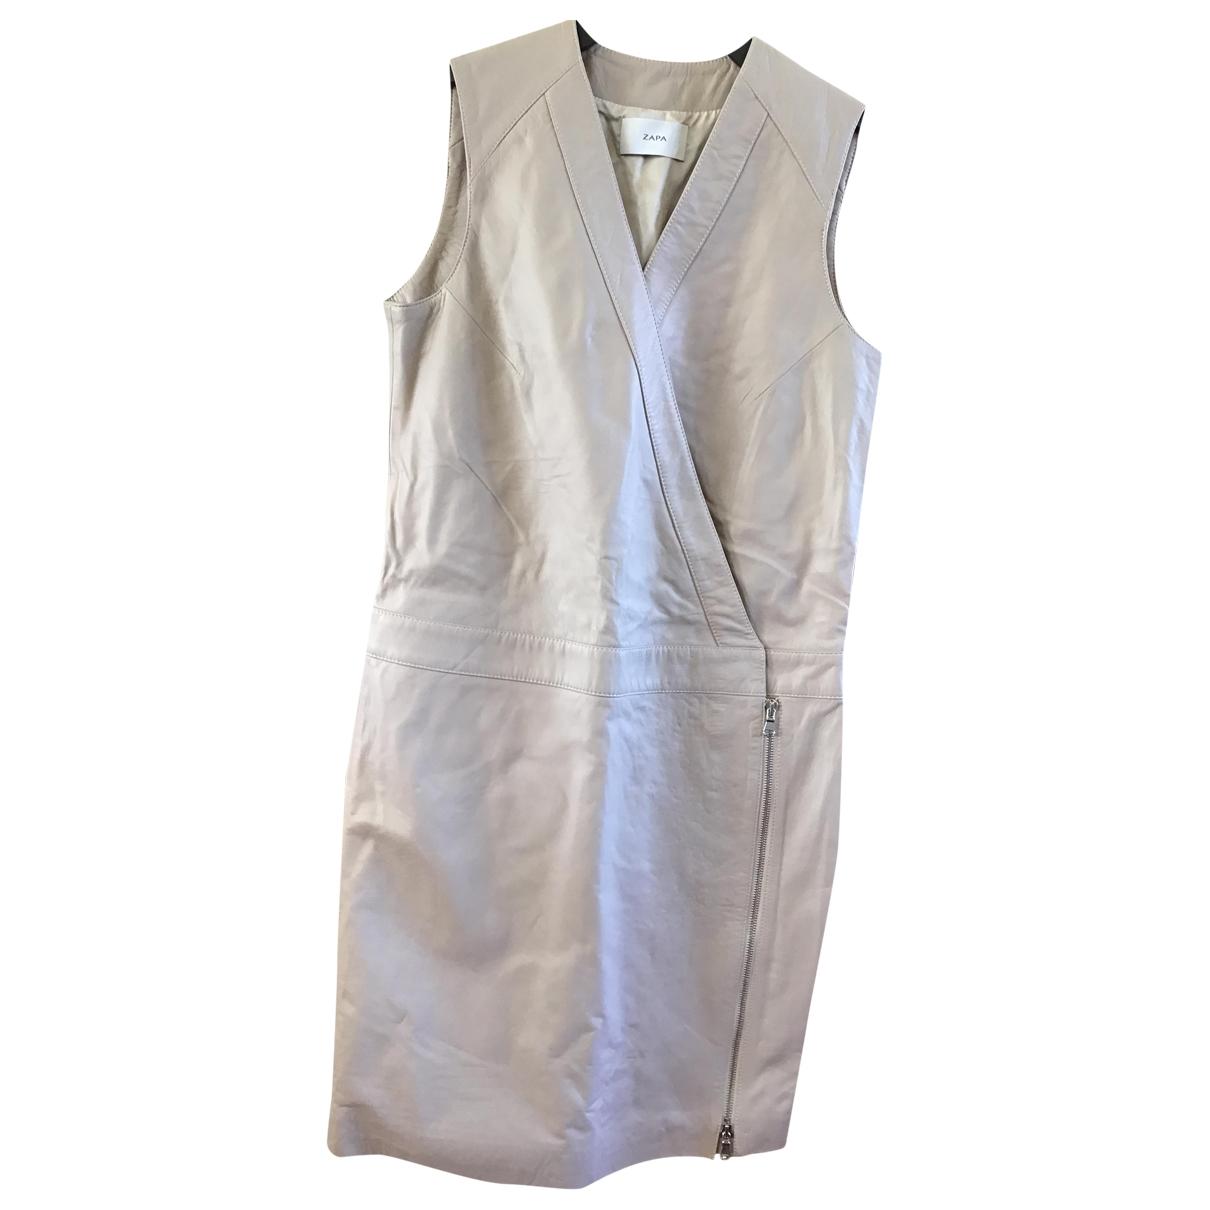 Zapa \N Beige Leather dress for Women 36 FR